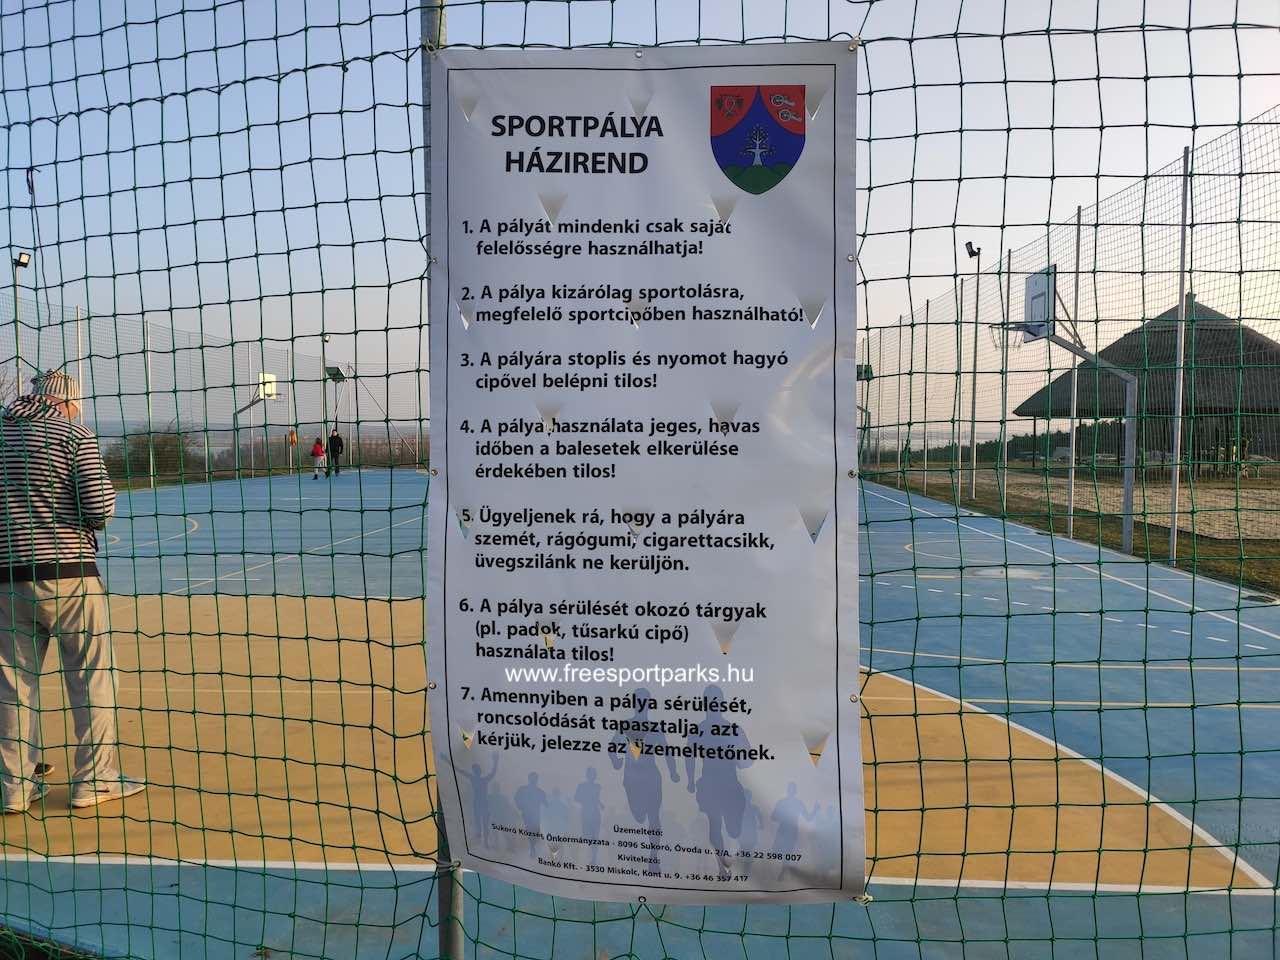 Sukoró sportpark multifunkciós labdapályájának a házirendje